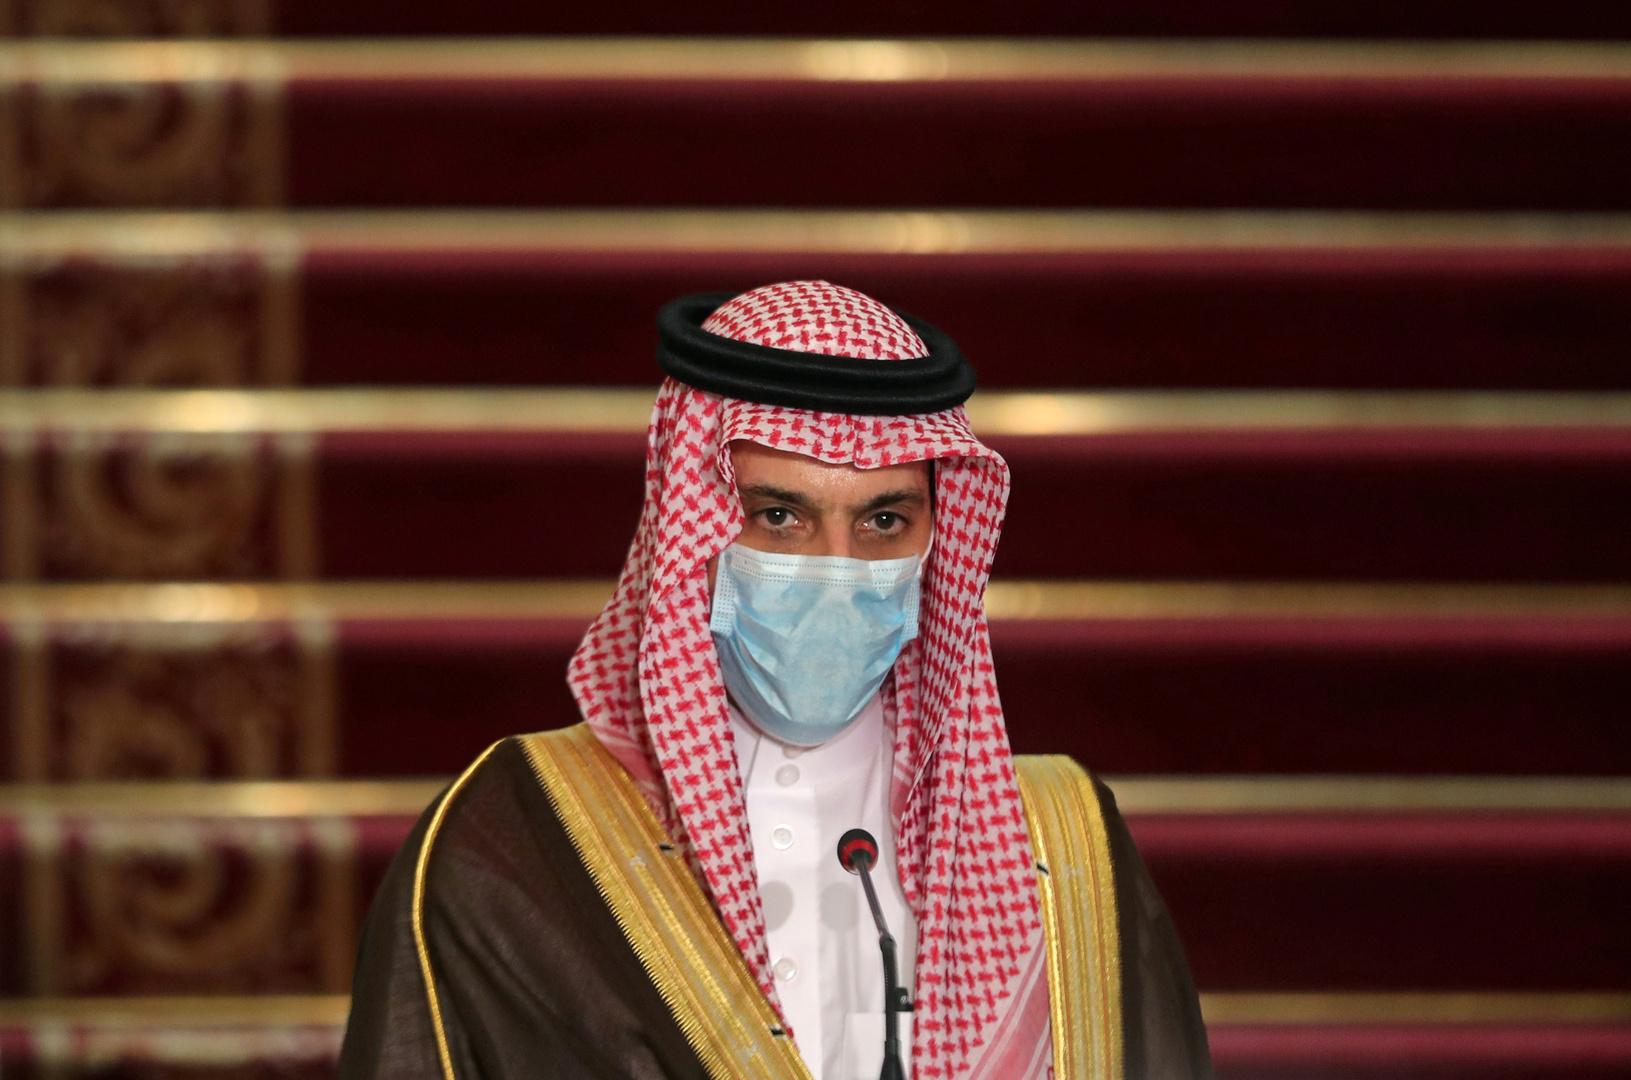 وزير الخارجية السعودي: هيمنة حزب الله تثير قلقنا والكل يعرف سوابقه باستخدام المواد المتفجرة وتخزينها